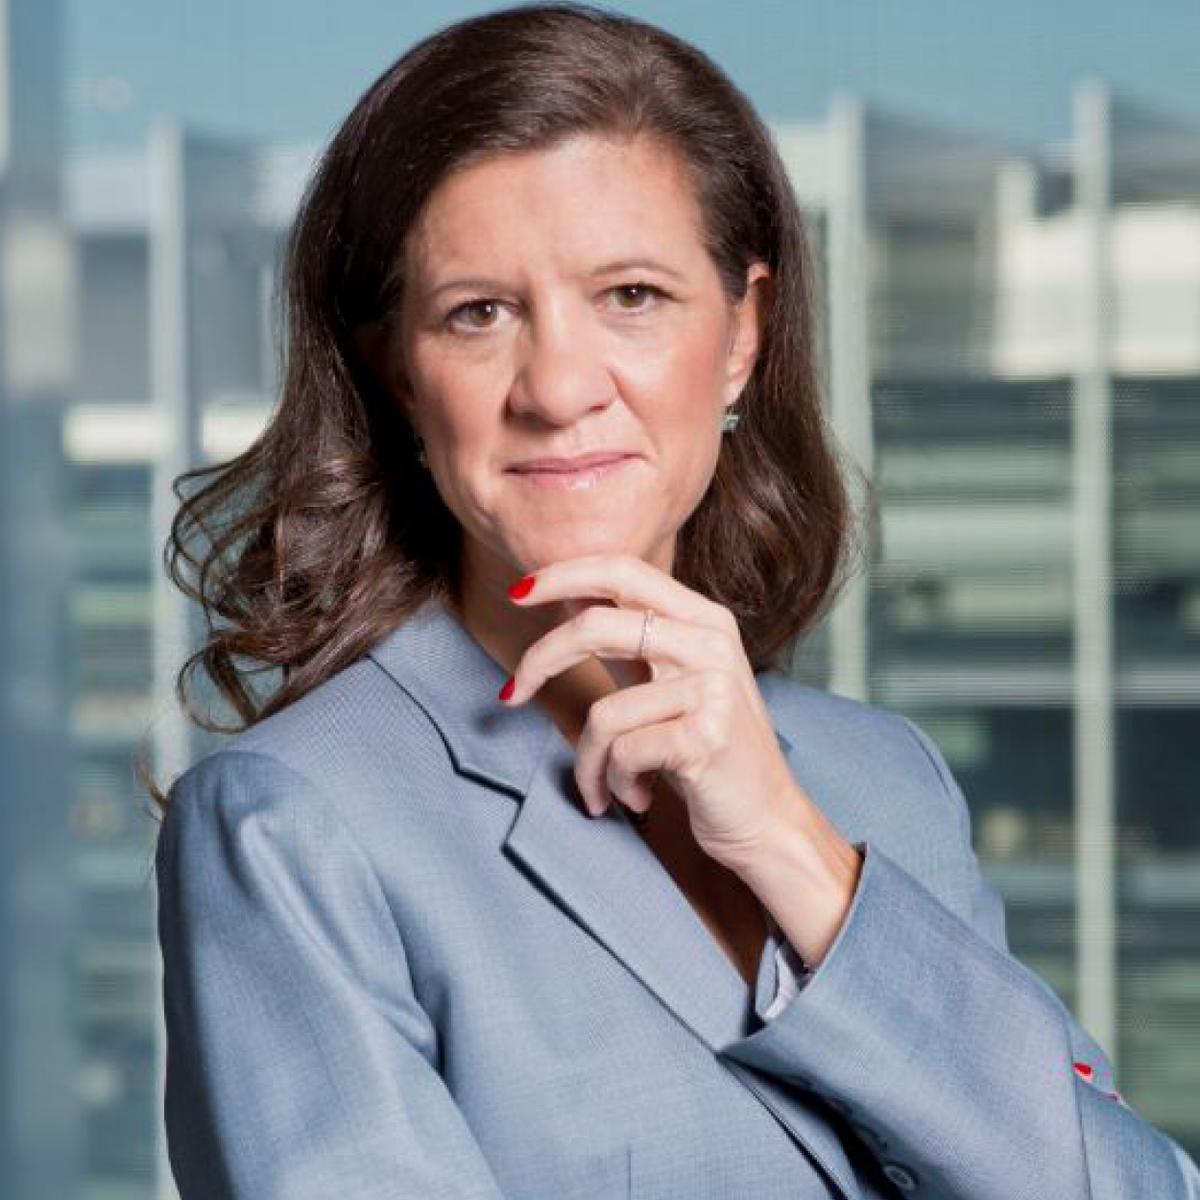 Orgullosos de anunciar que @MaviZingoni, nuestra directora general de Negocios Comerciales y Química y presidenta de Electricidad y Gas de Repsol, ha sido nombrada presidenta de @Enerclub, asociación clave para el sector energético español https://t.co/TcdGlgNeSd https://t.co/IDGTsoUIRC